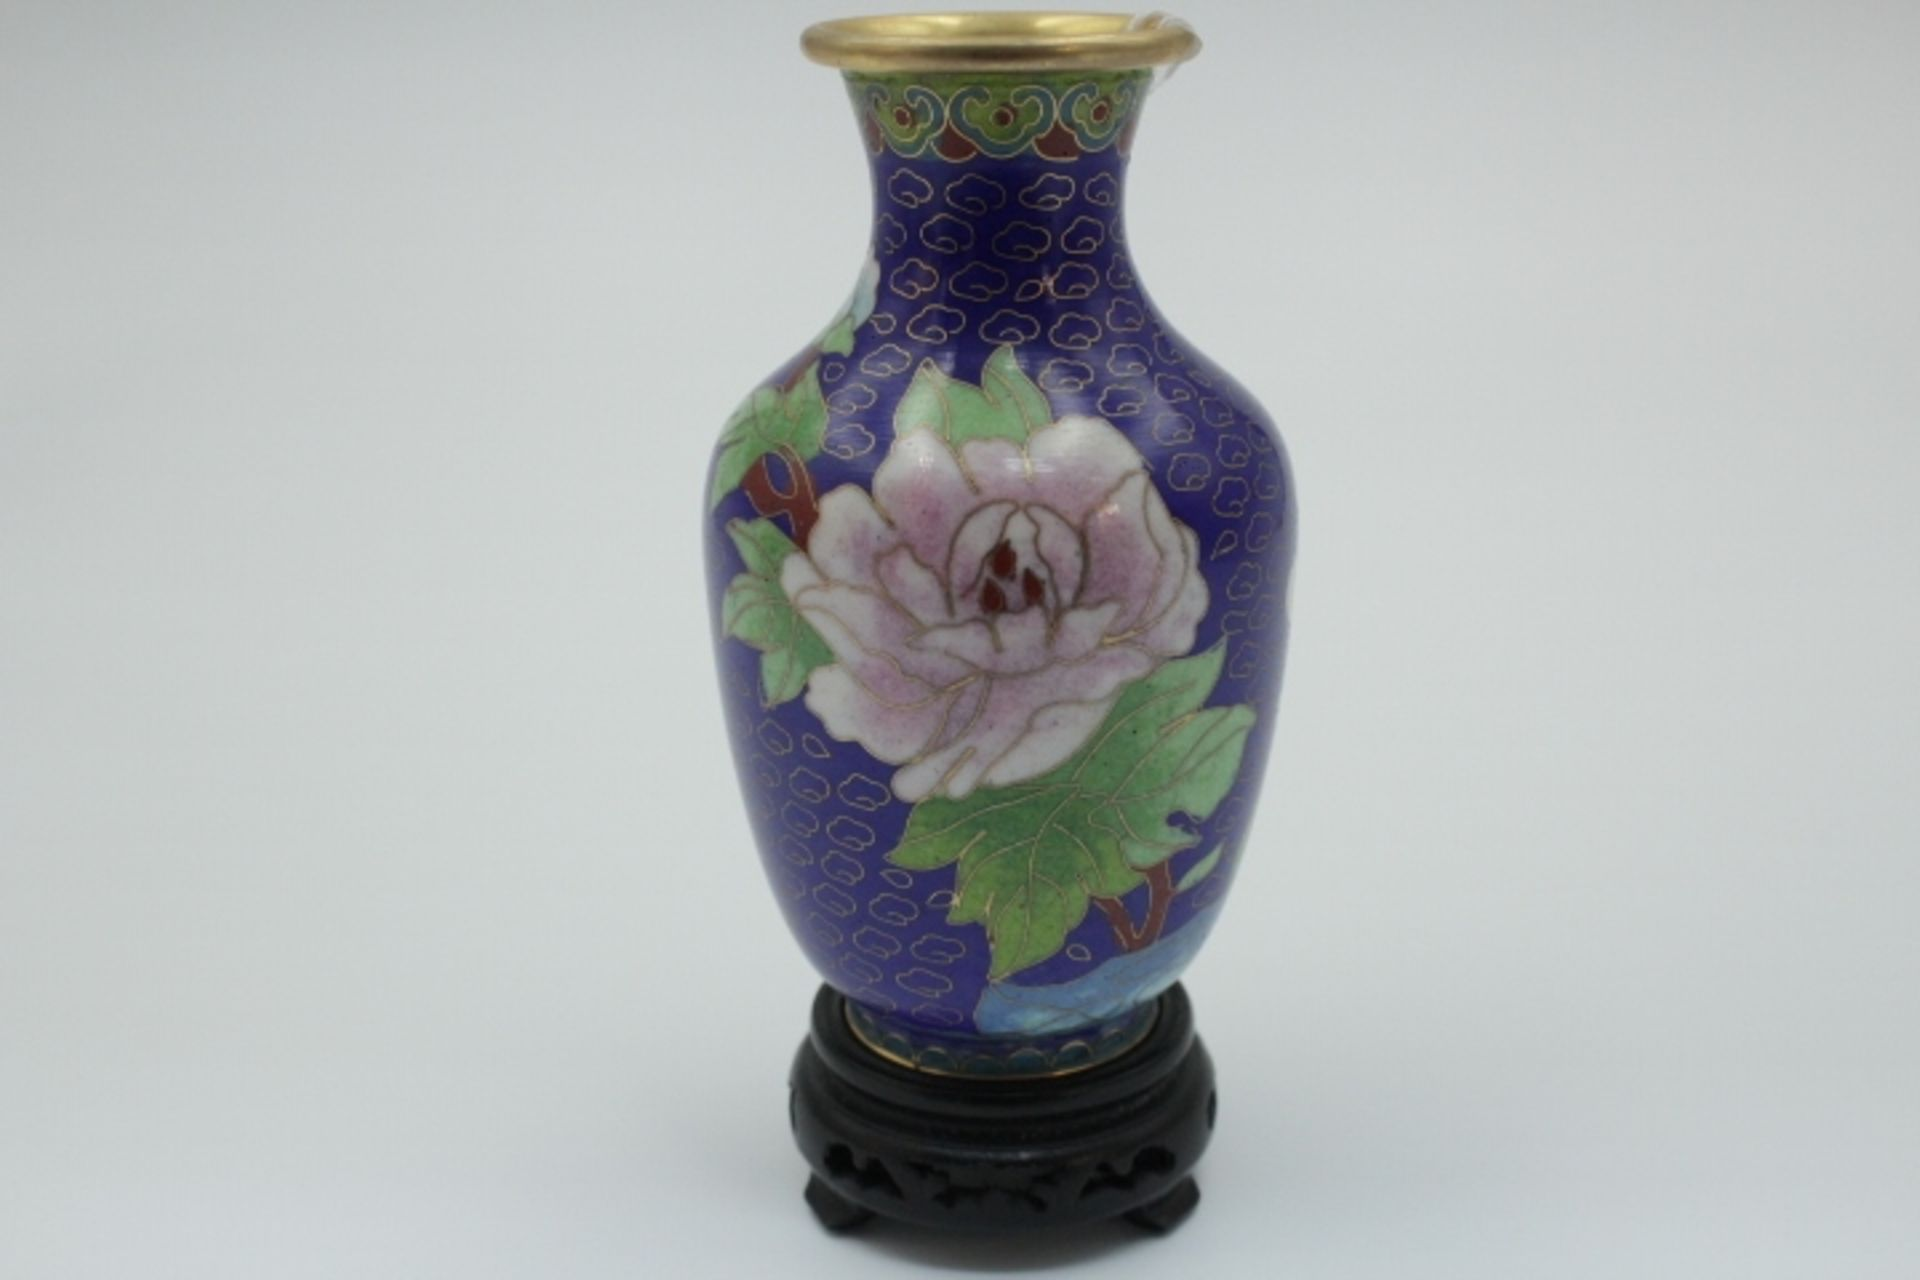 Cloisonne Vase Emaille auf Metall Blumendekor Höhe 13cm 20.Jhdt. Sockel ergänzt